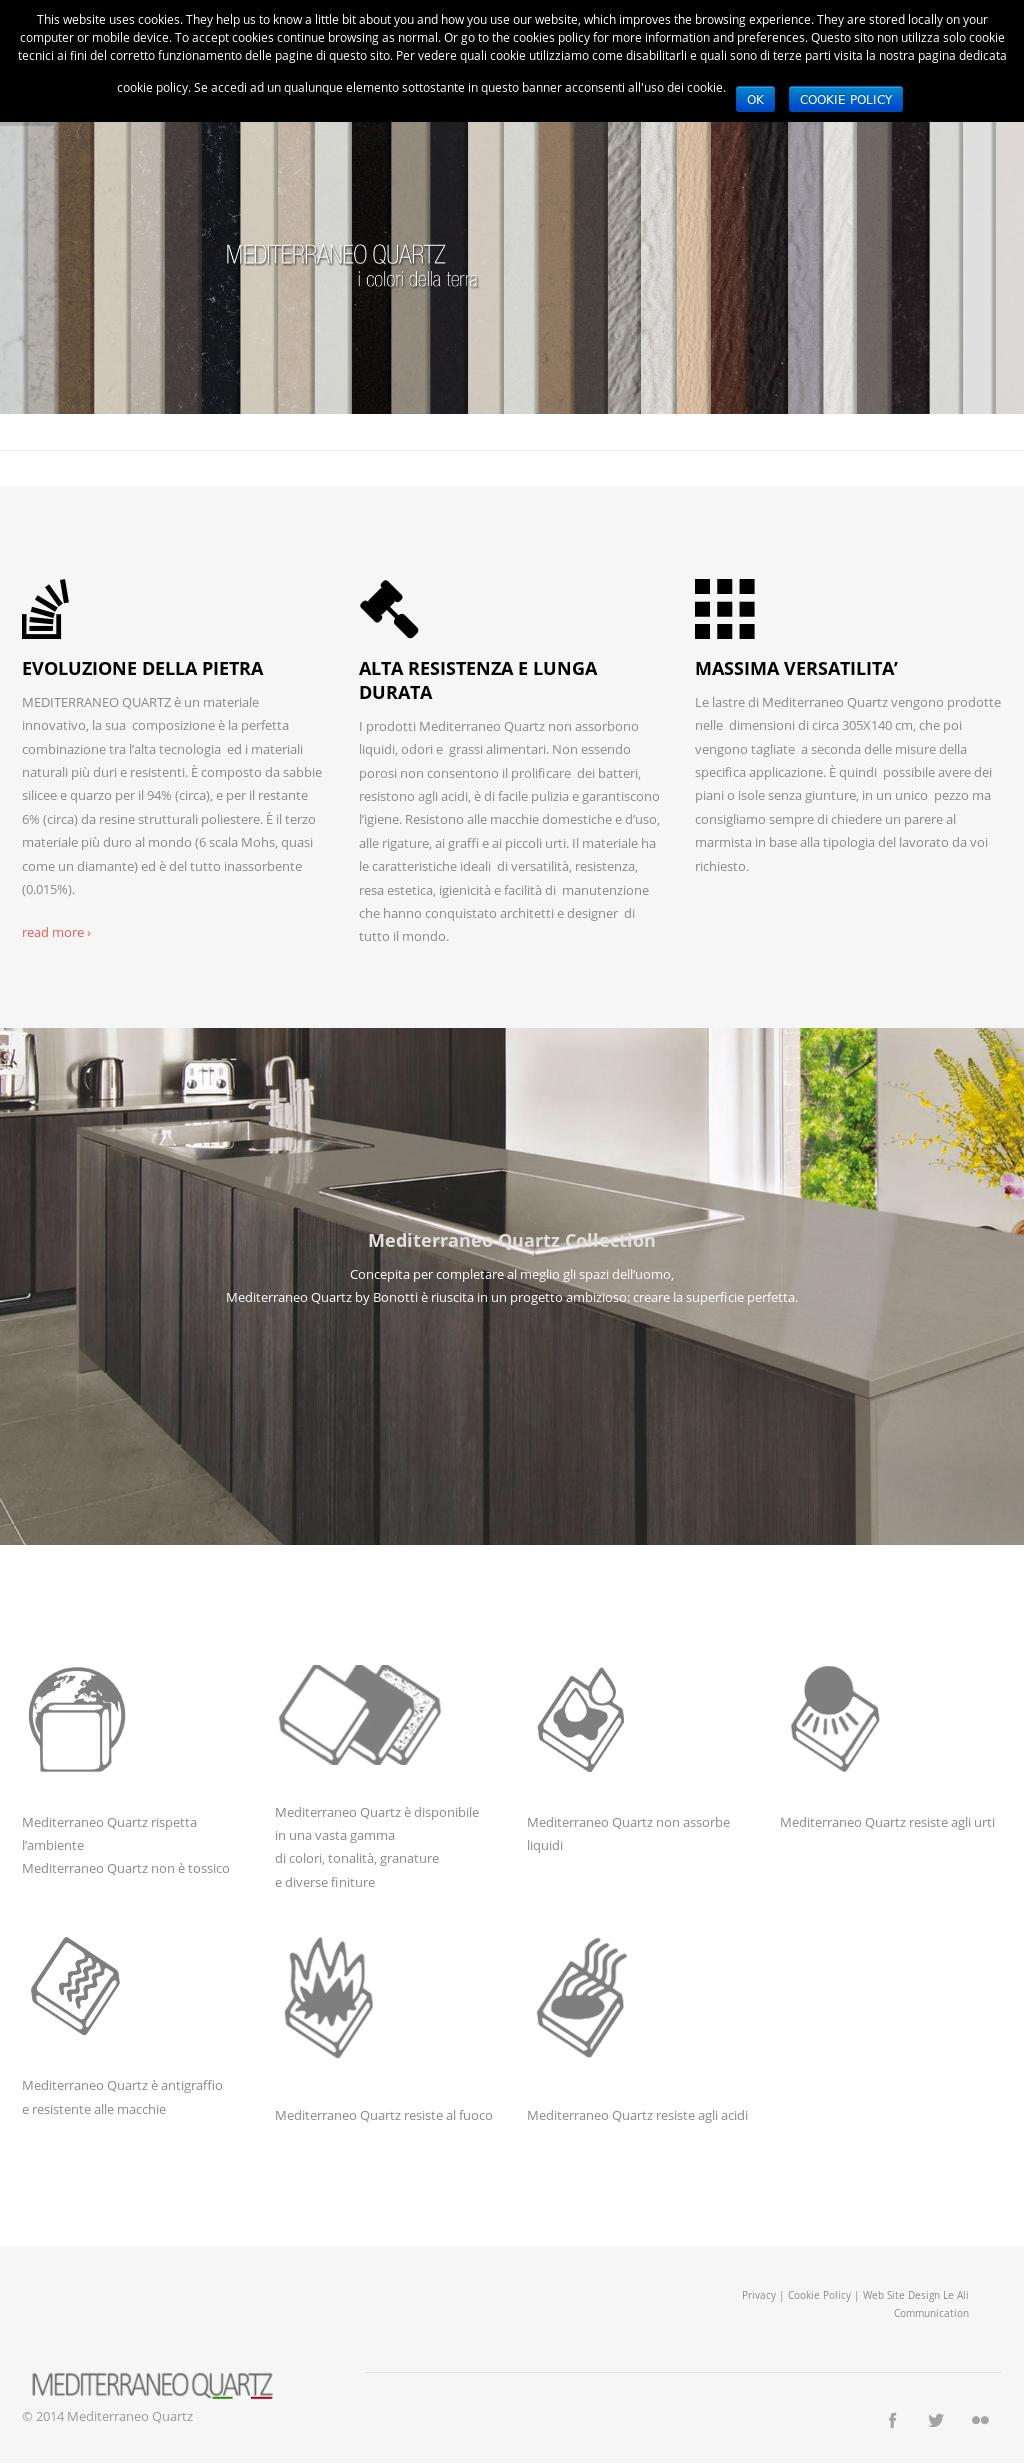 Pezzi Di Design Da Avere bonotti stone trading international s.r.l competitors